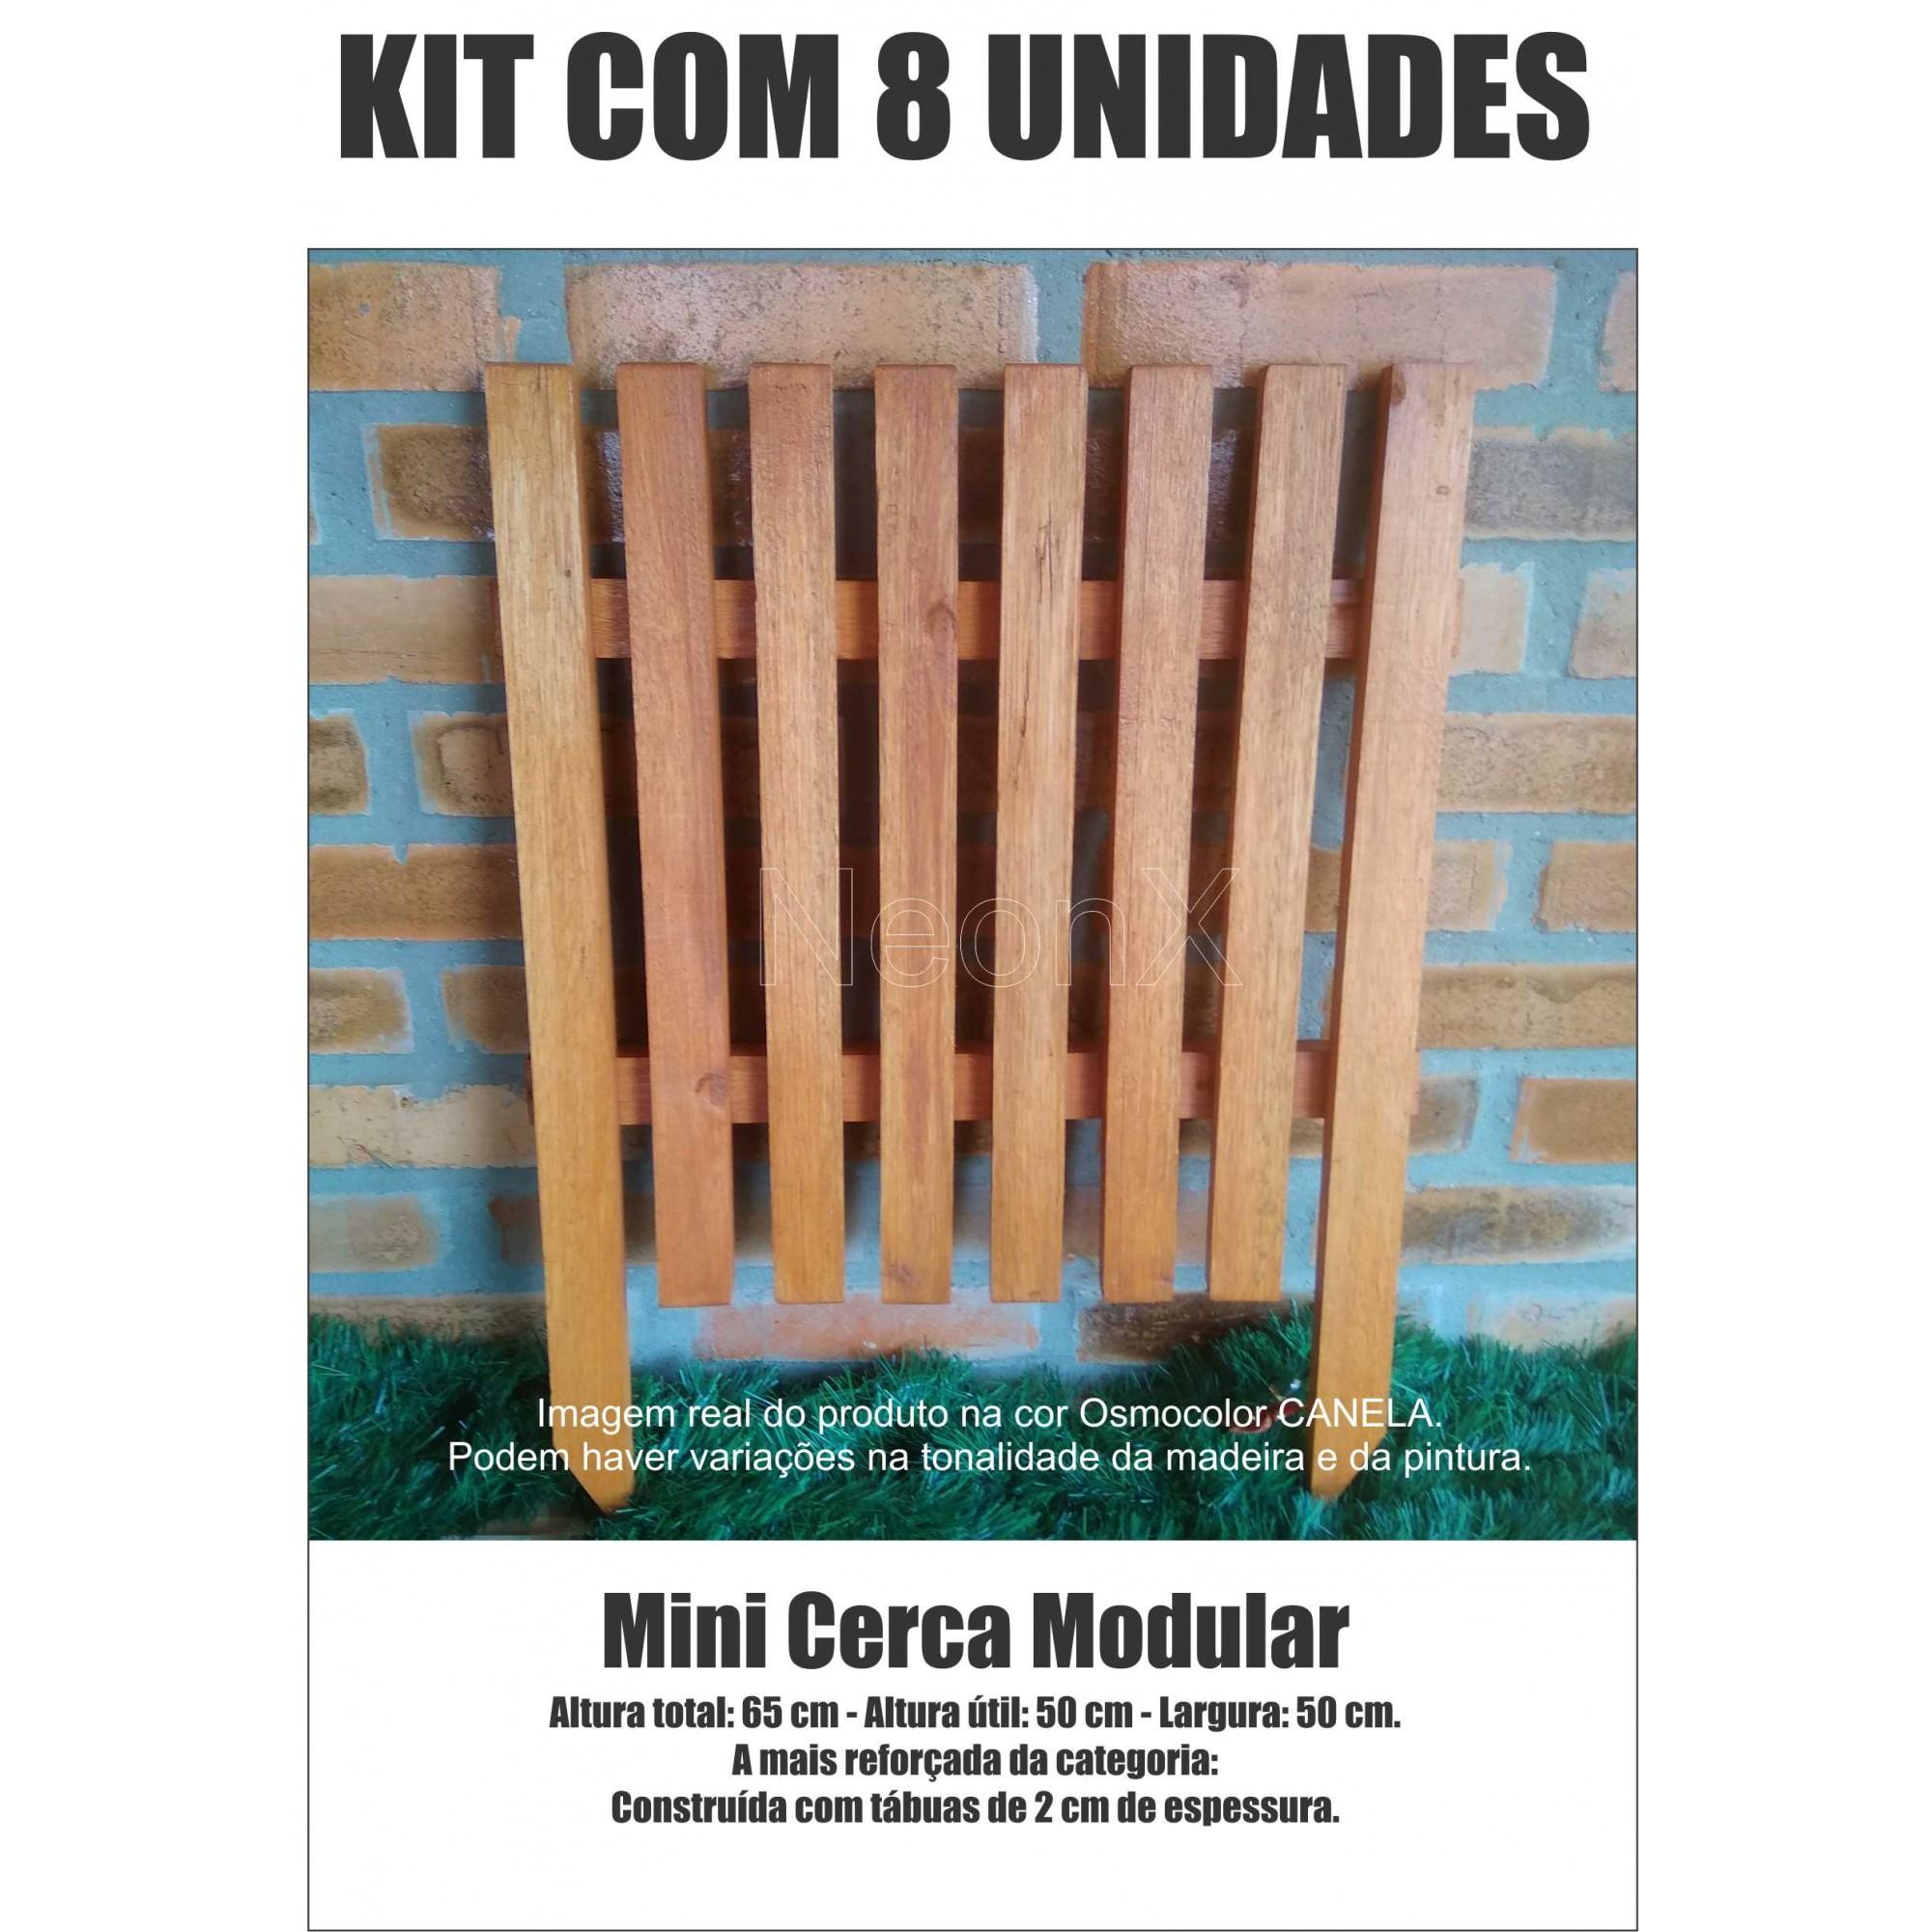 Kit 8 Un. Cerca para Jardim, Horta ou Decoração Clássica Modular Reforçada 50x65 cm Neonx